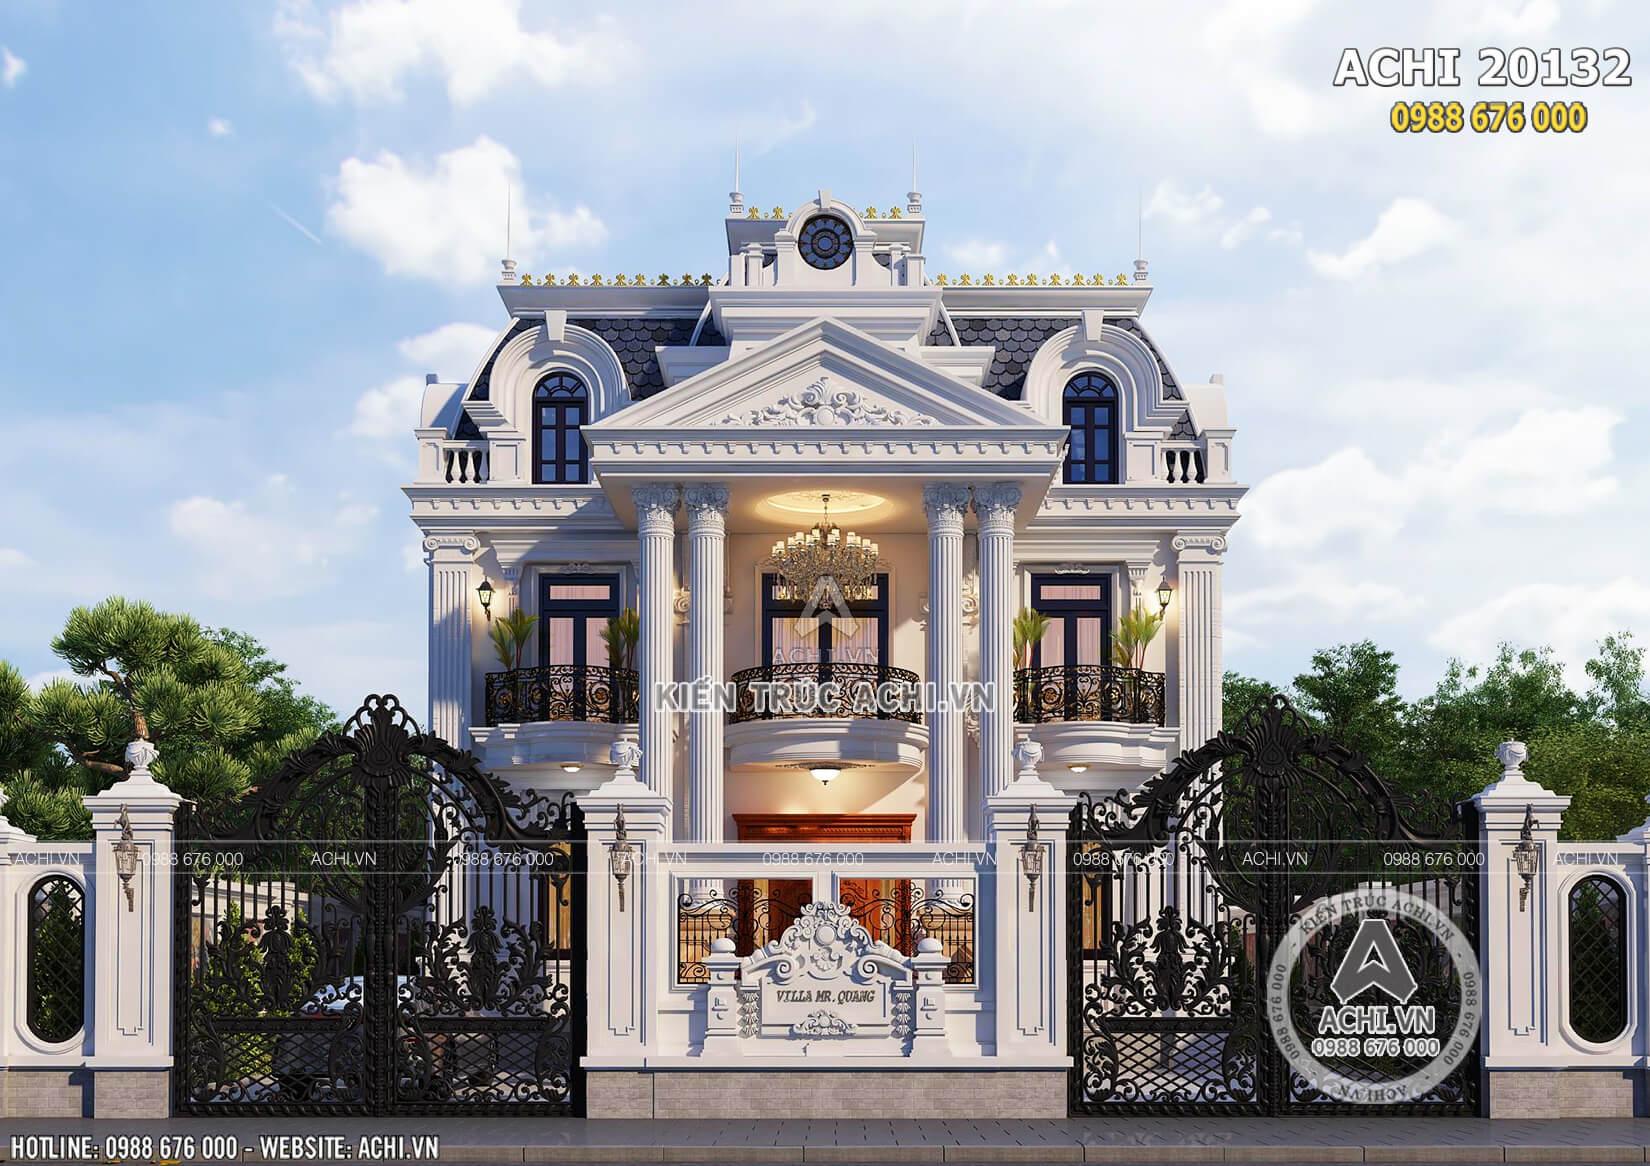 Vẻ đẹp quyến rũ của mẫu biệt thự Pháp 2 tầng 1 tum thu hút mọi ánh nhìn của người qua đường